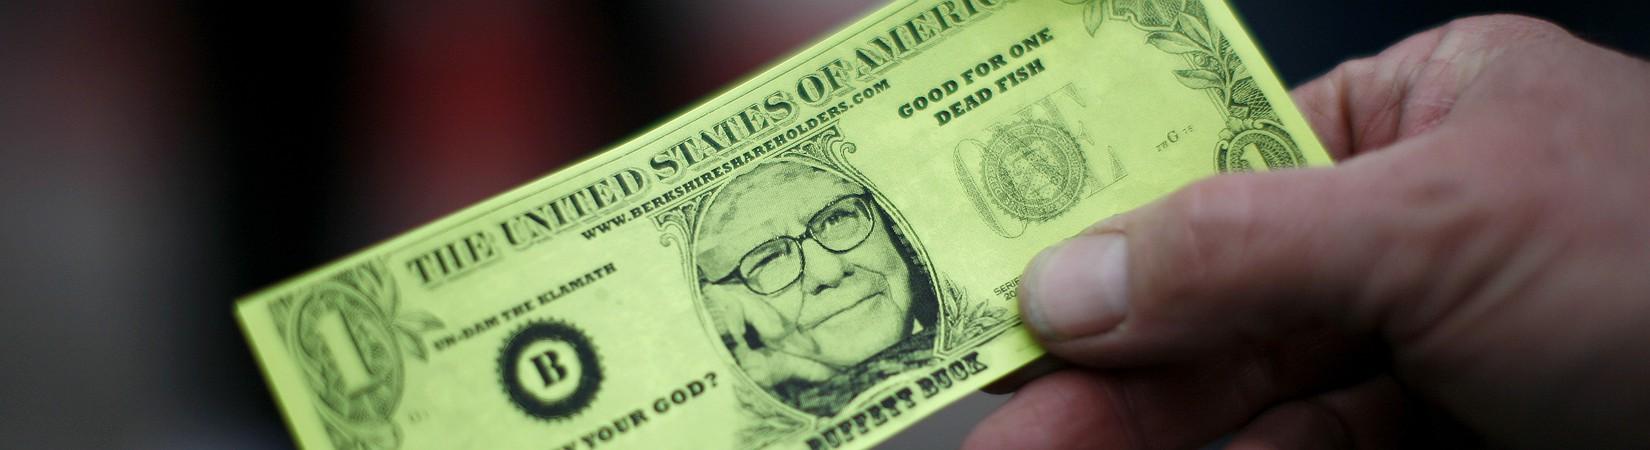 ¿Por qué son tan caras las acciones de Berkshire Hathaway?